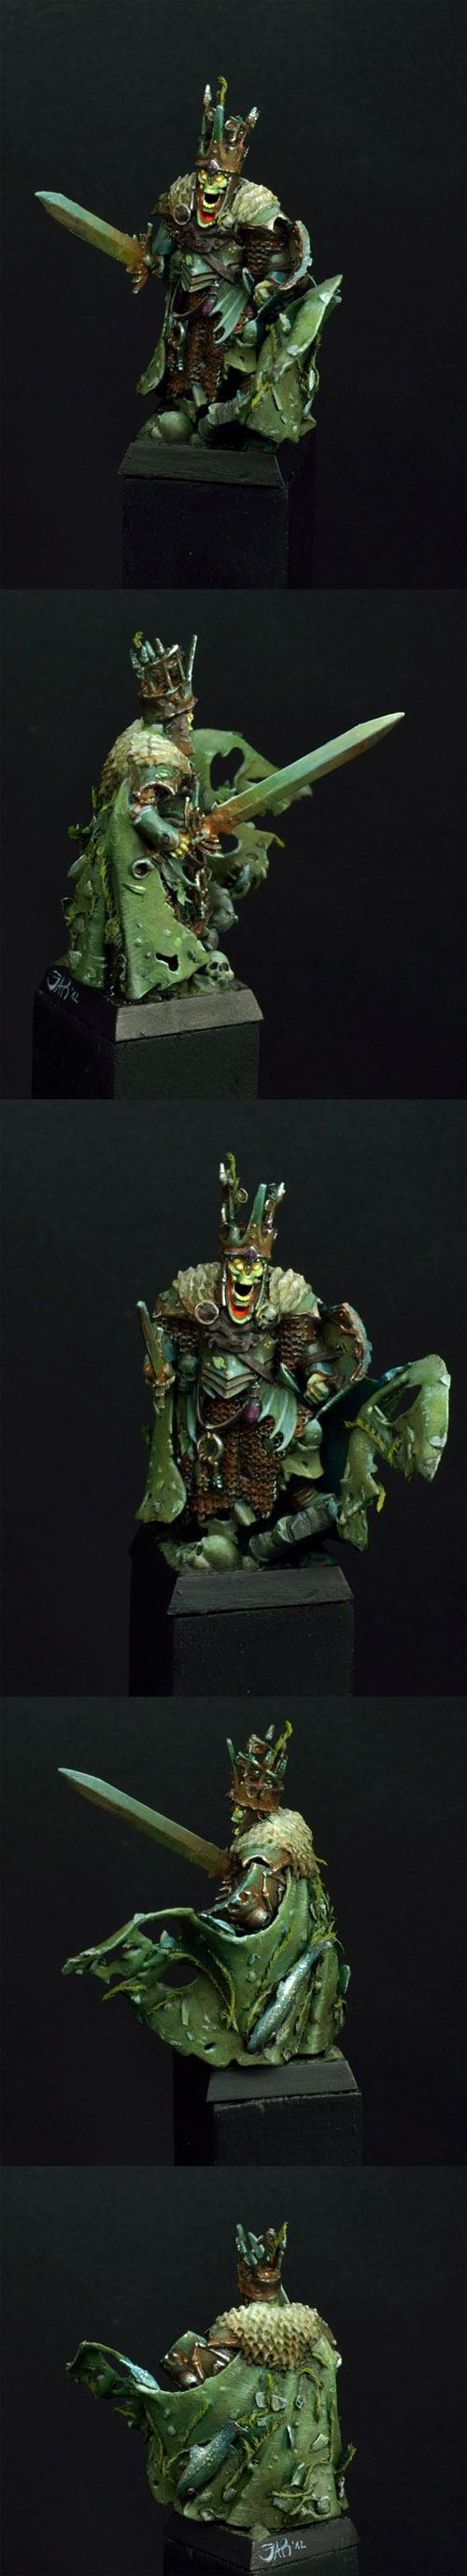 Swamp Lich King